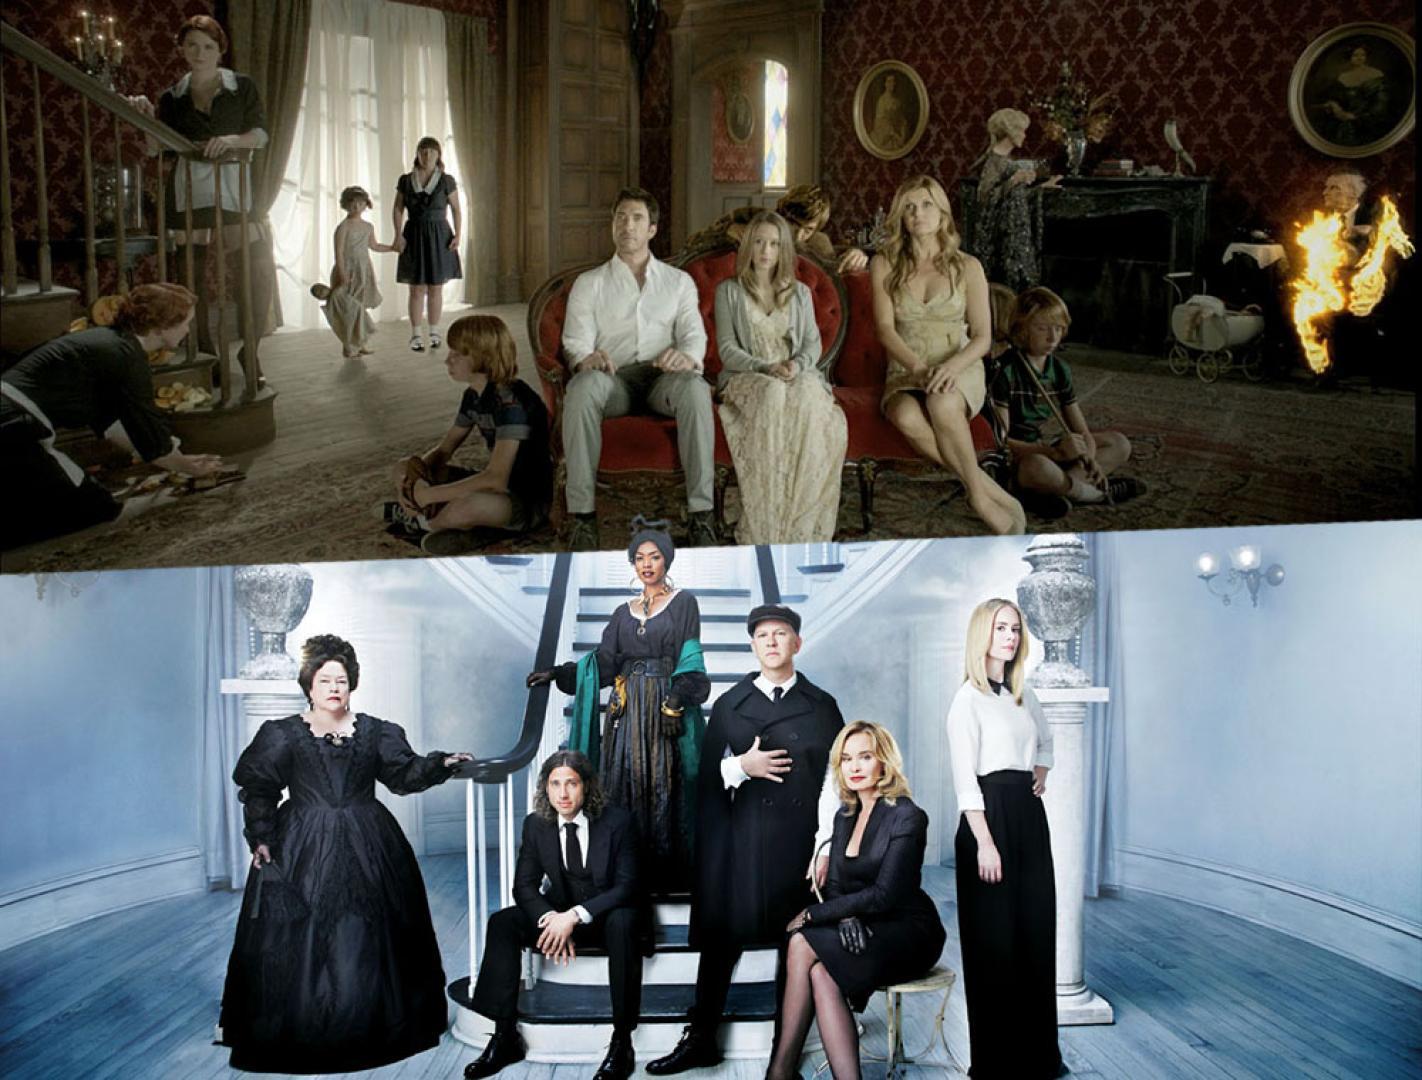 Mégis a Murder House/Coven crossover lesz az AHS nyolcadik évada?!